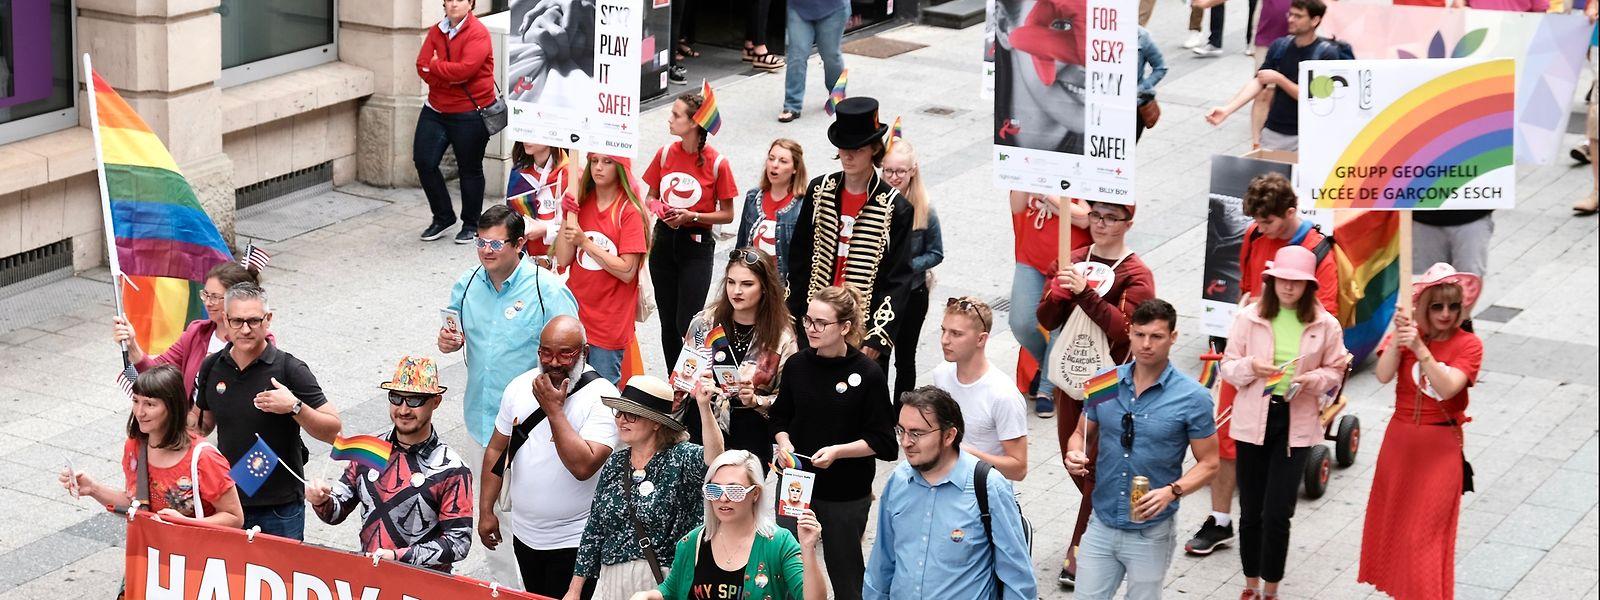 """Am Samstag zog es erneut unzählige Mitglieder der """"GayMat""""-Parade nach Esch/Alzette."""